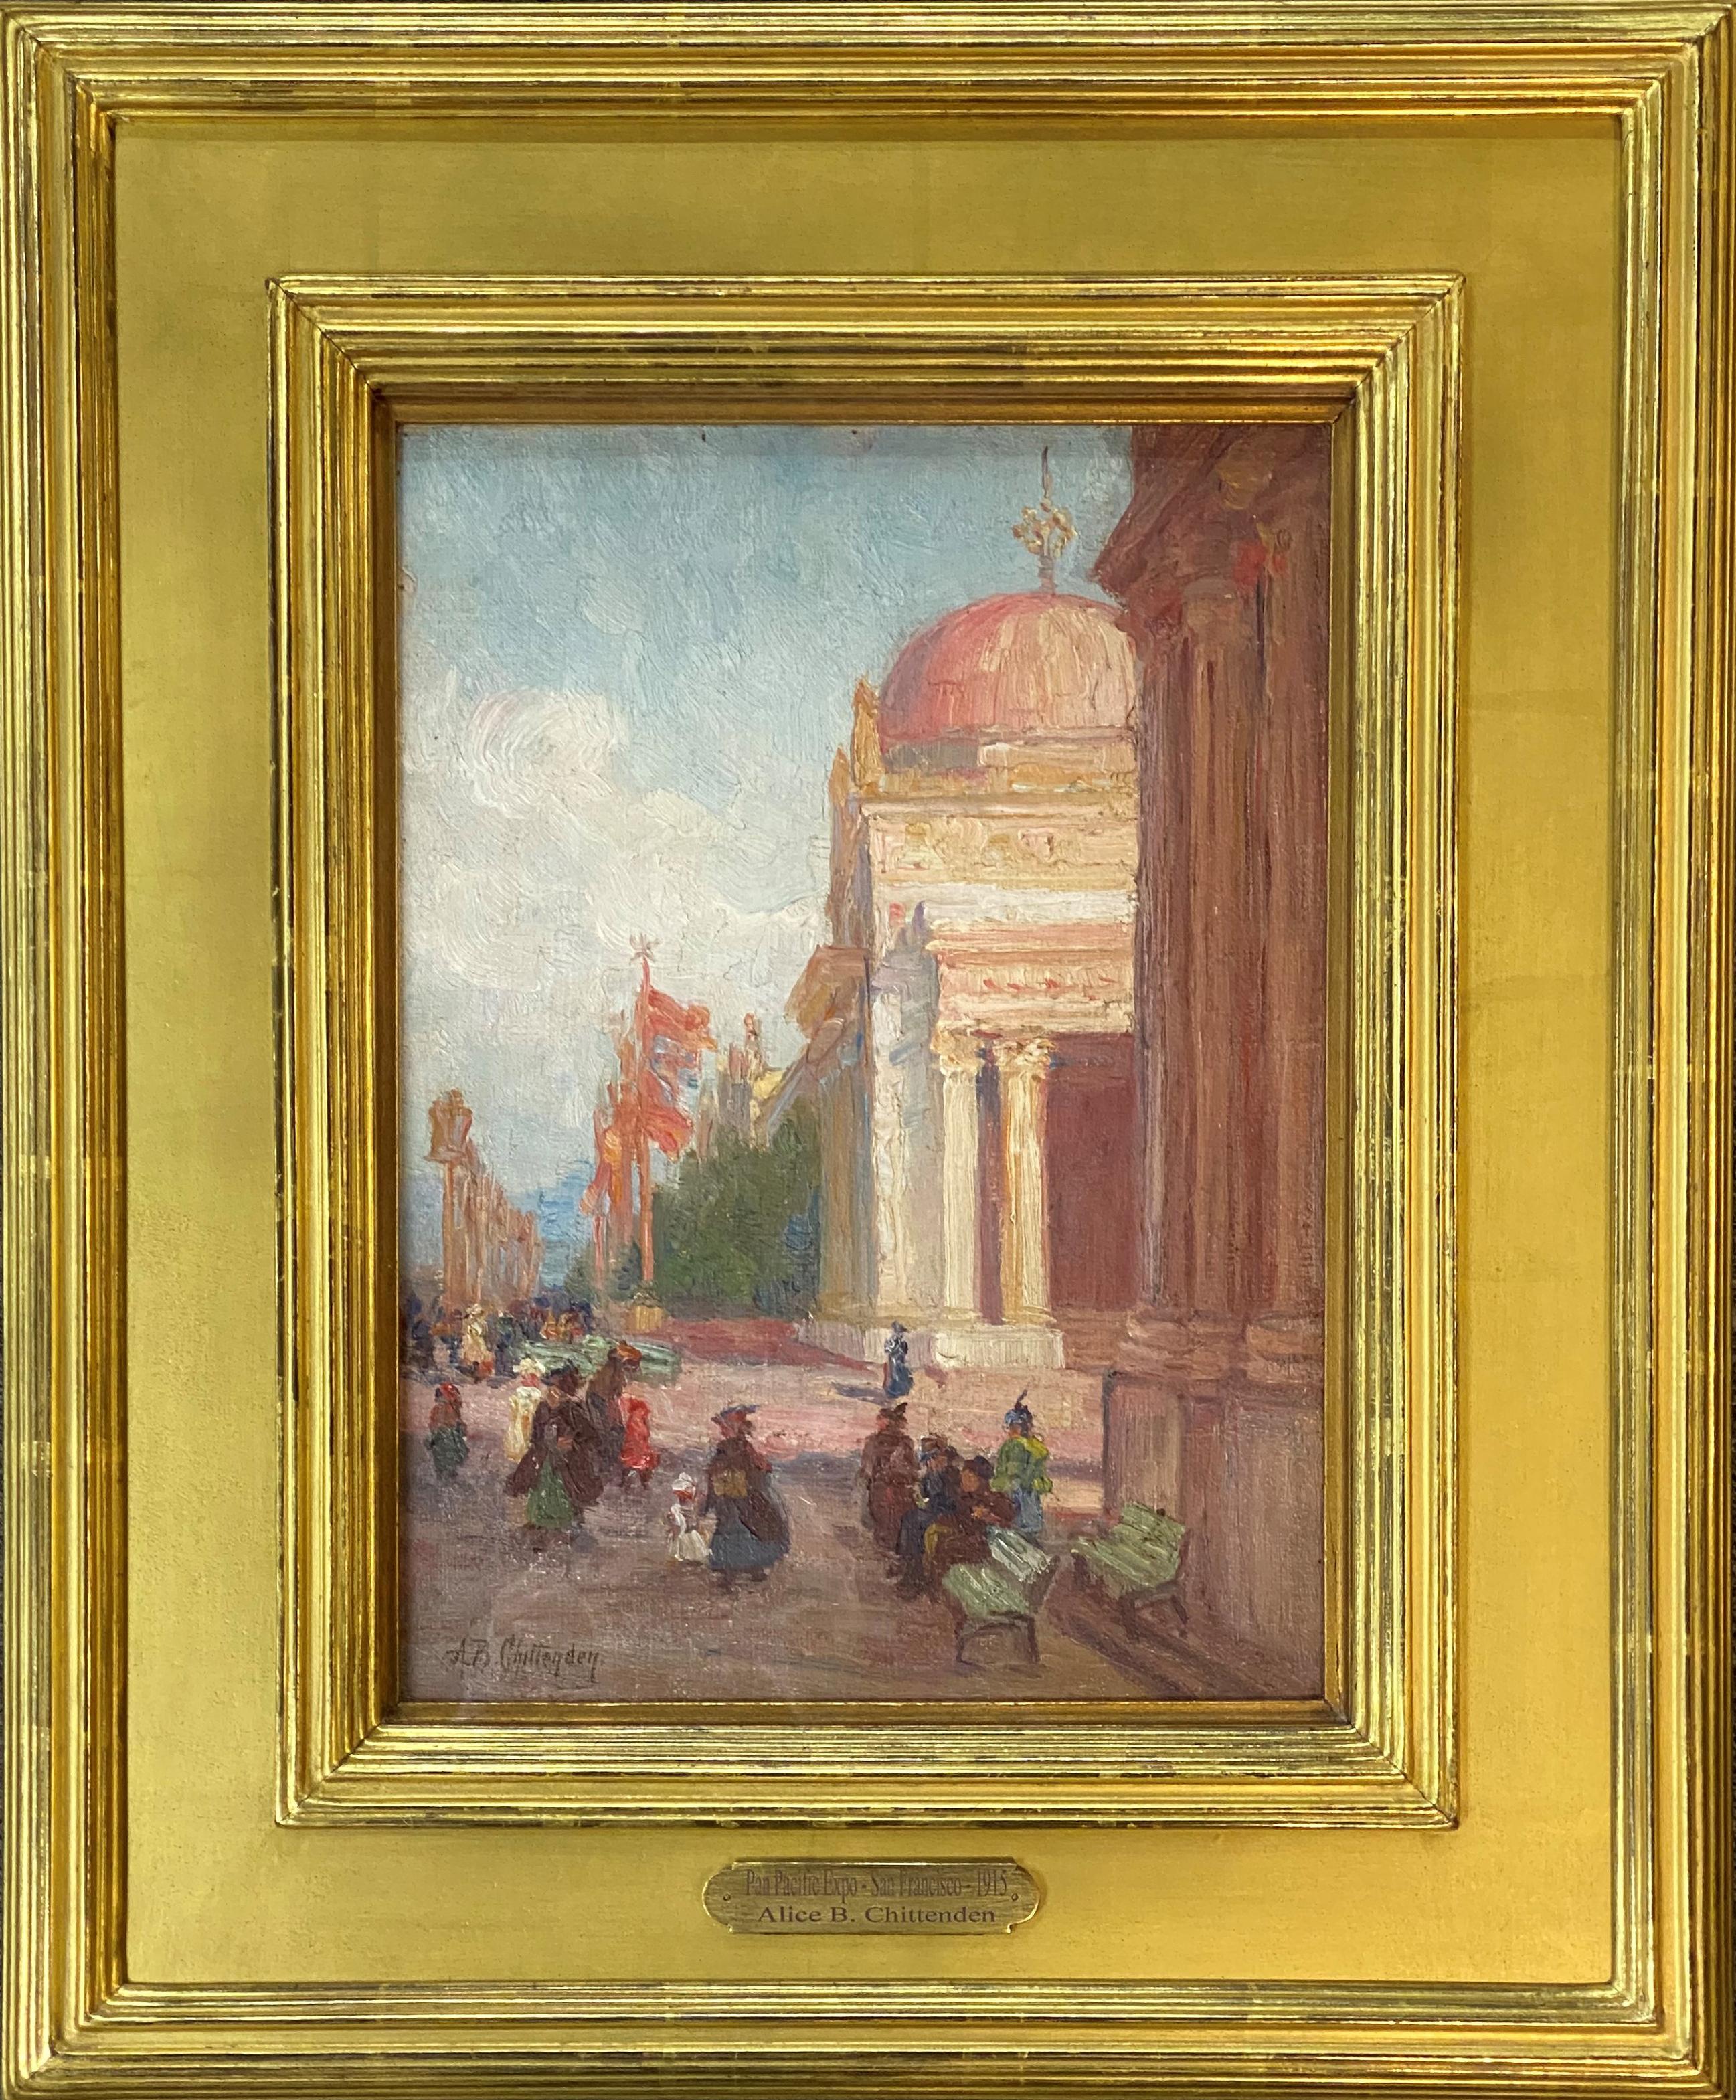 Pan Pacific Exposition, San Francisco, 1915